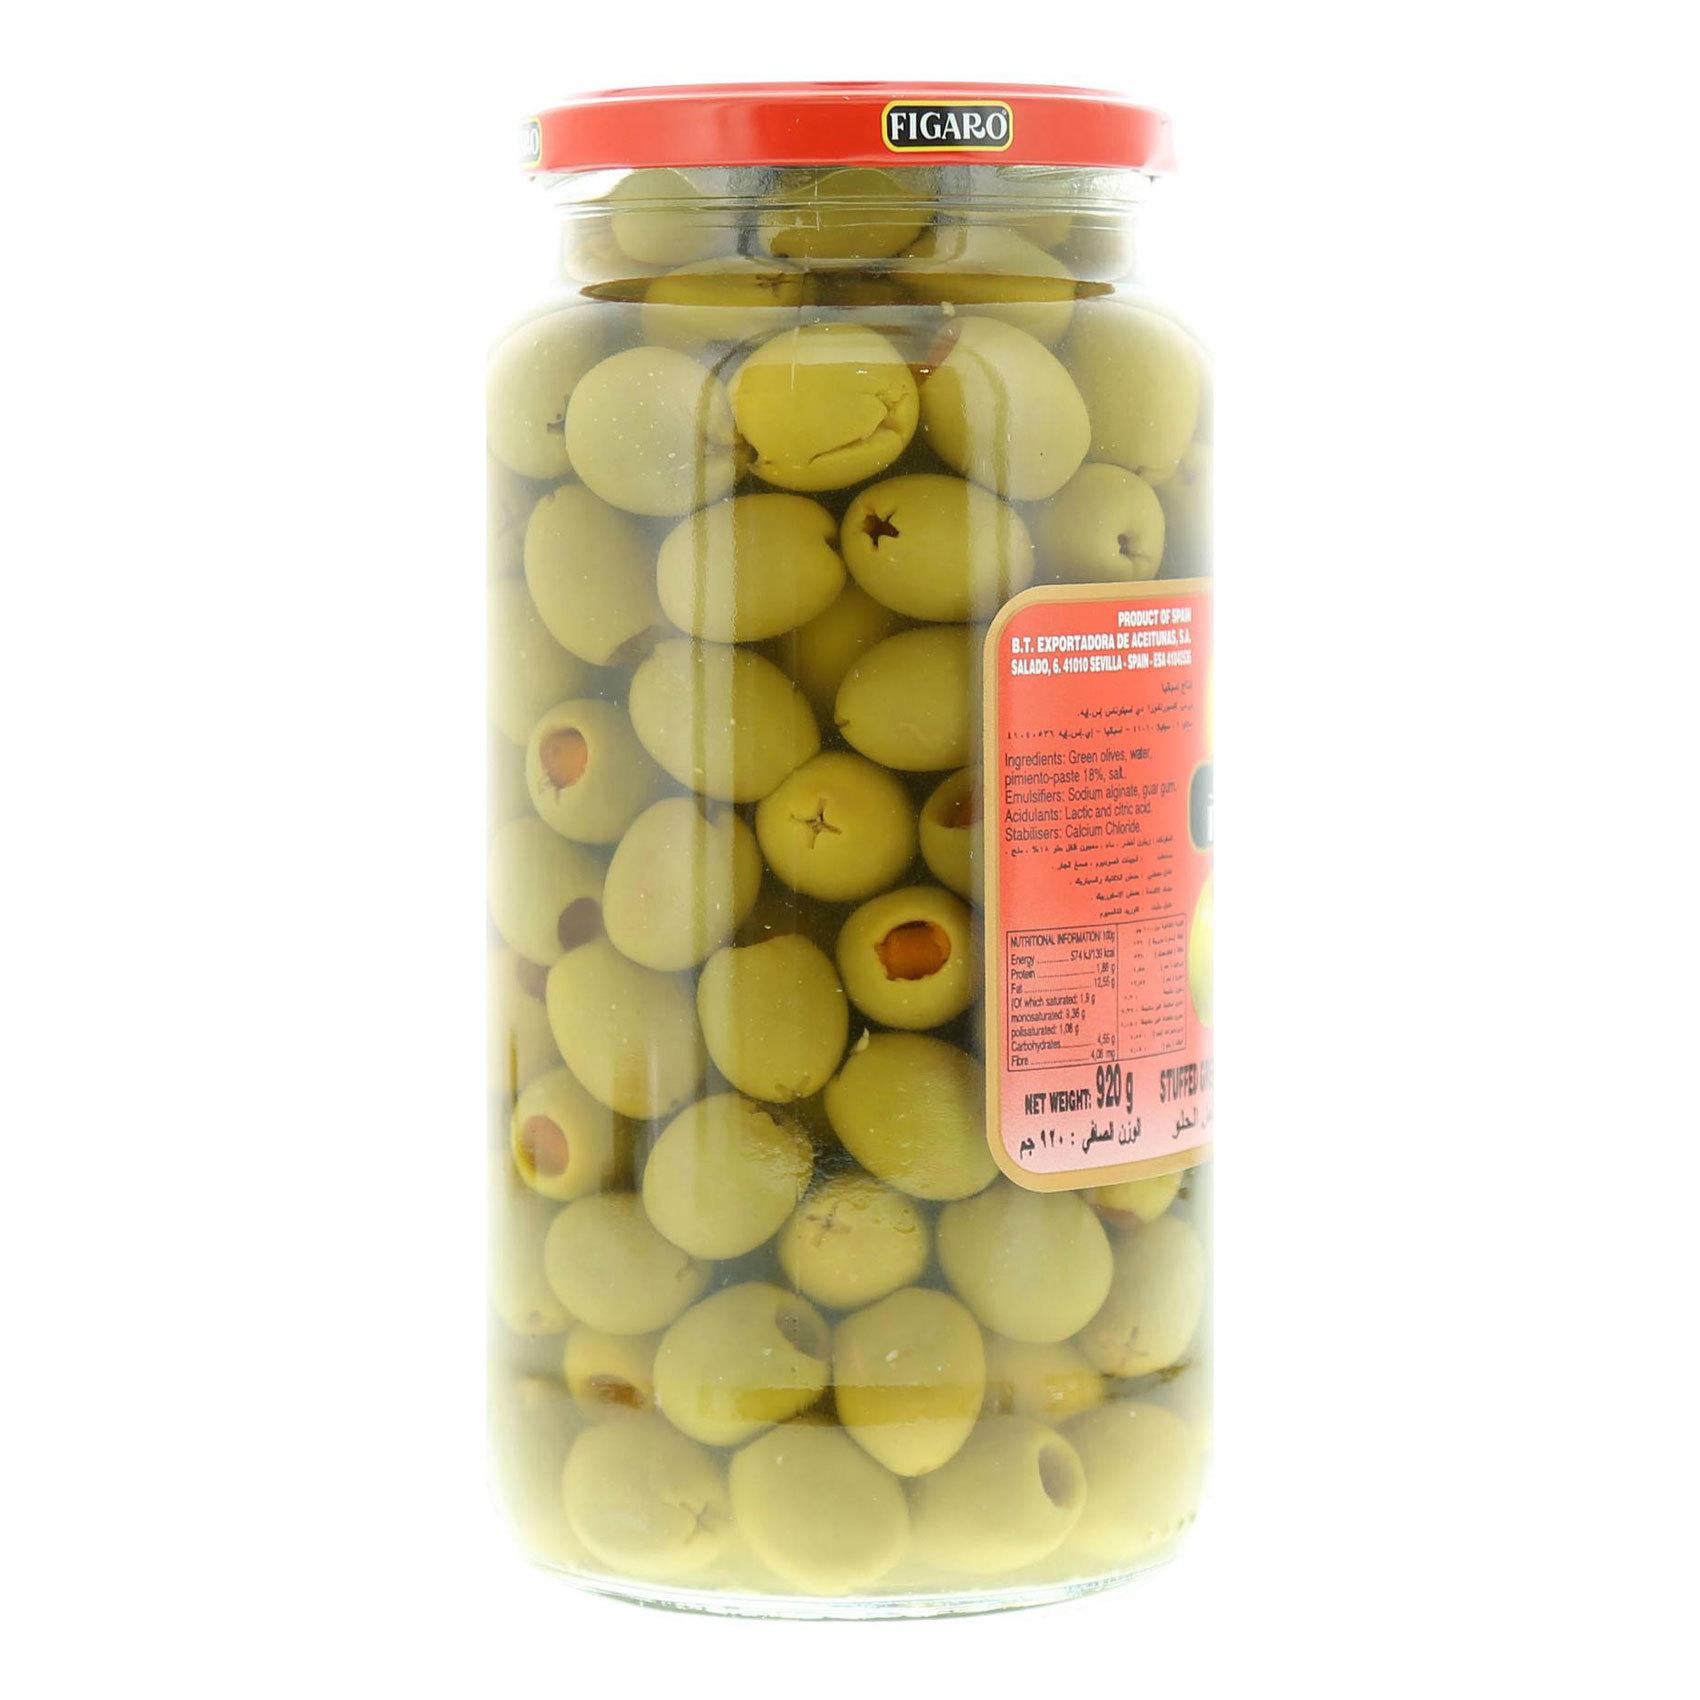 FIGARO STUFFED GREEN OLIVES PIMI 92